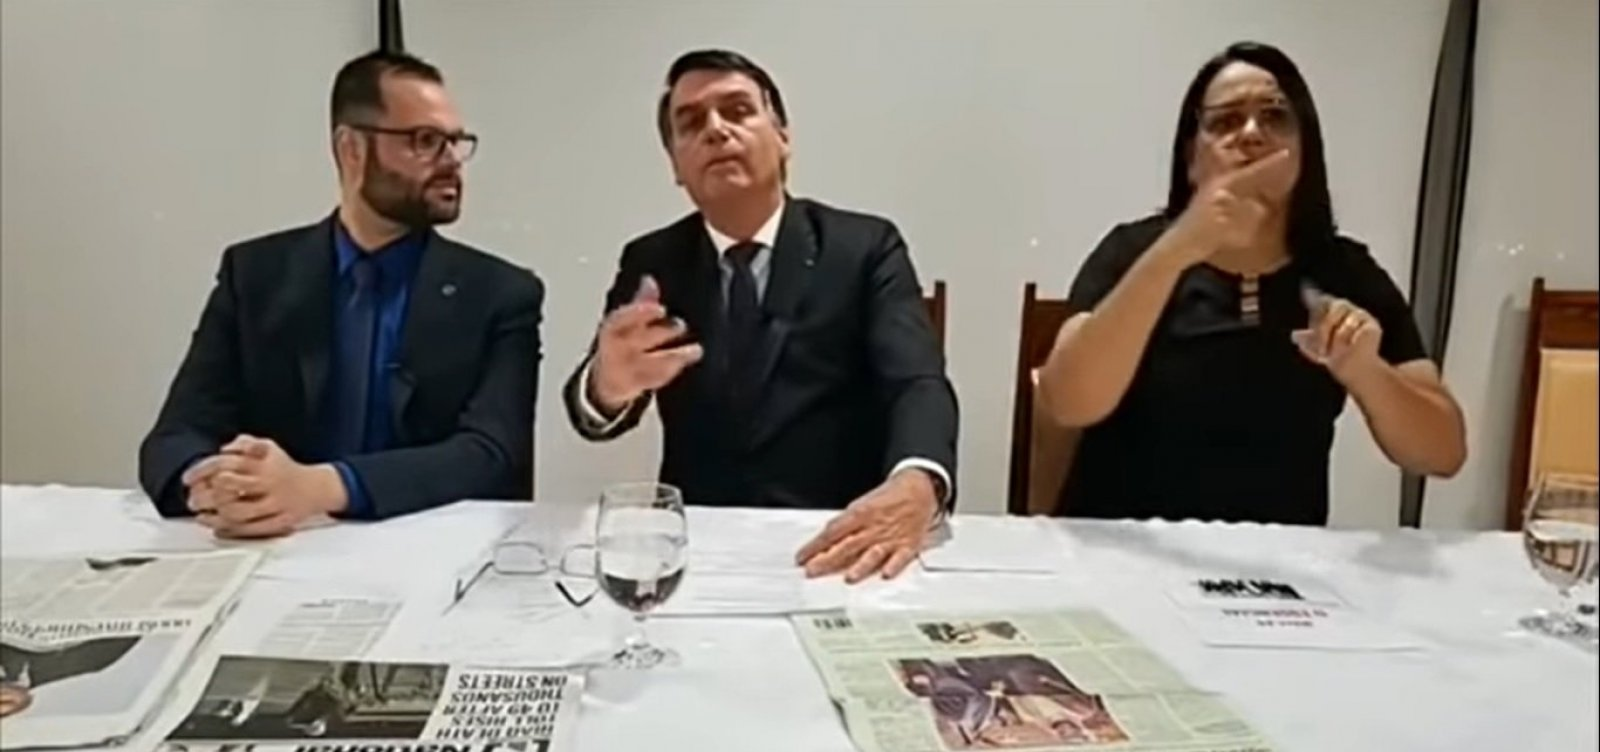 Bolsonaro quer mandar 'quem atrapalha progresso' para local de execução da ditadura